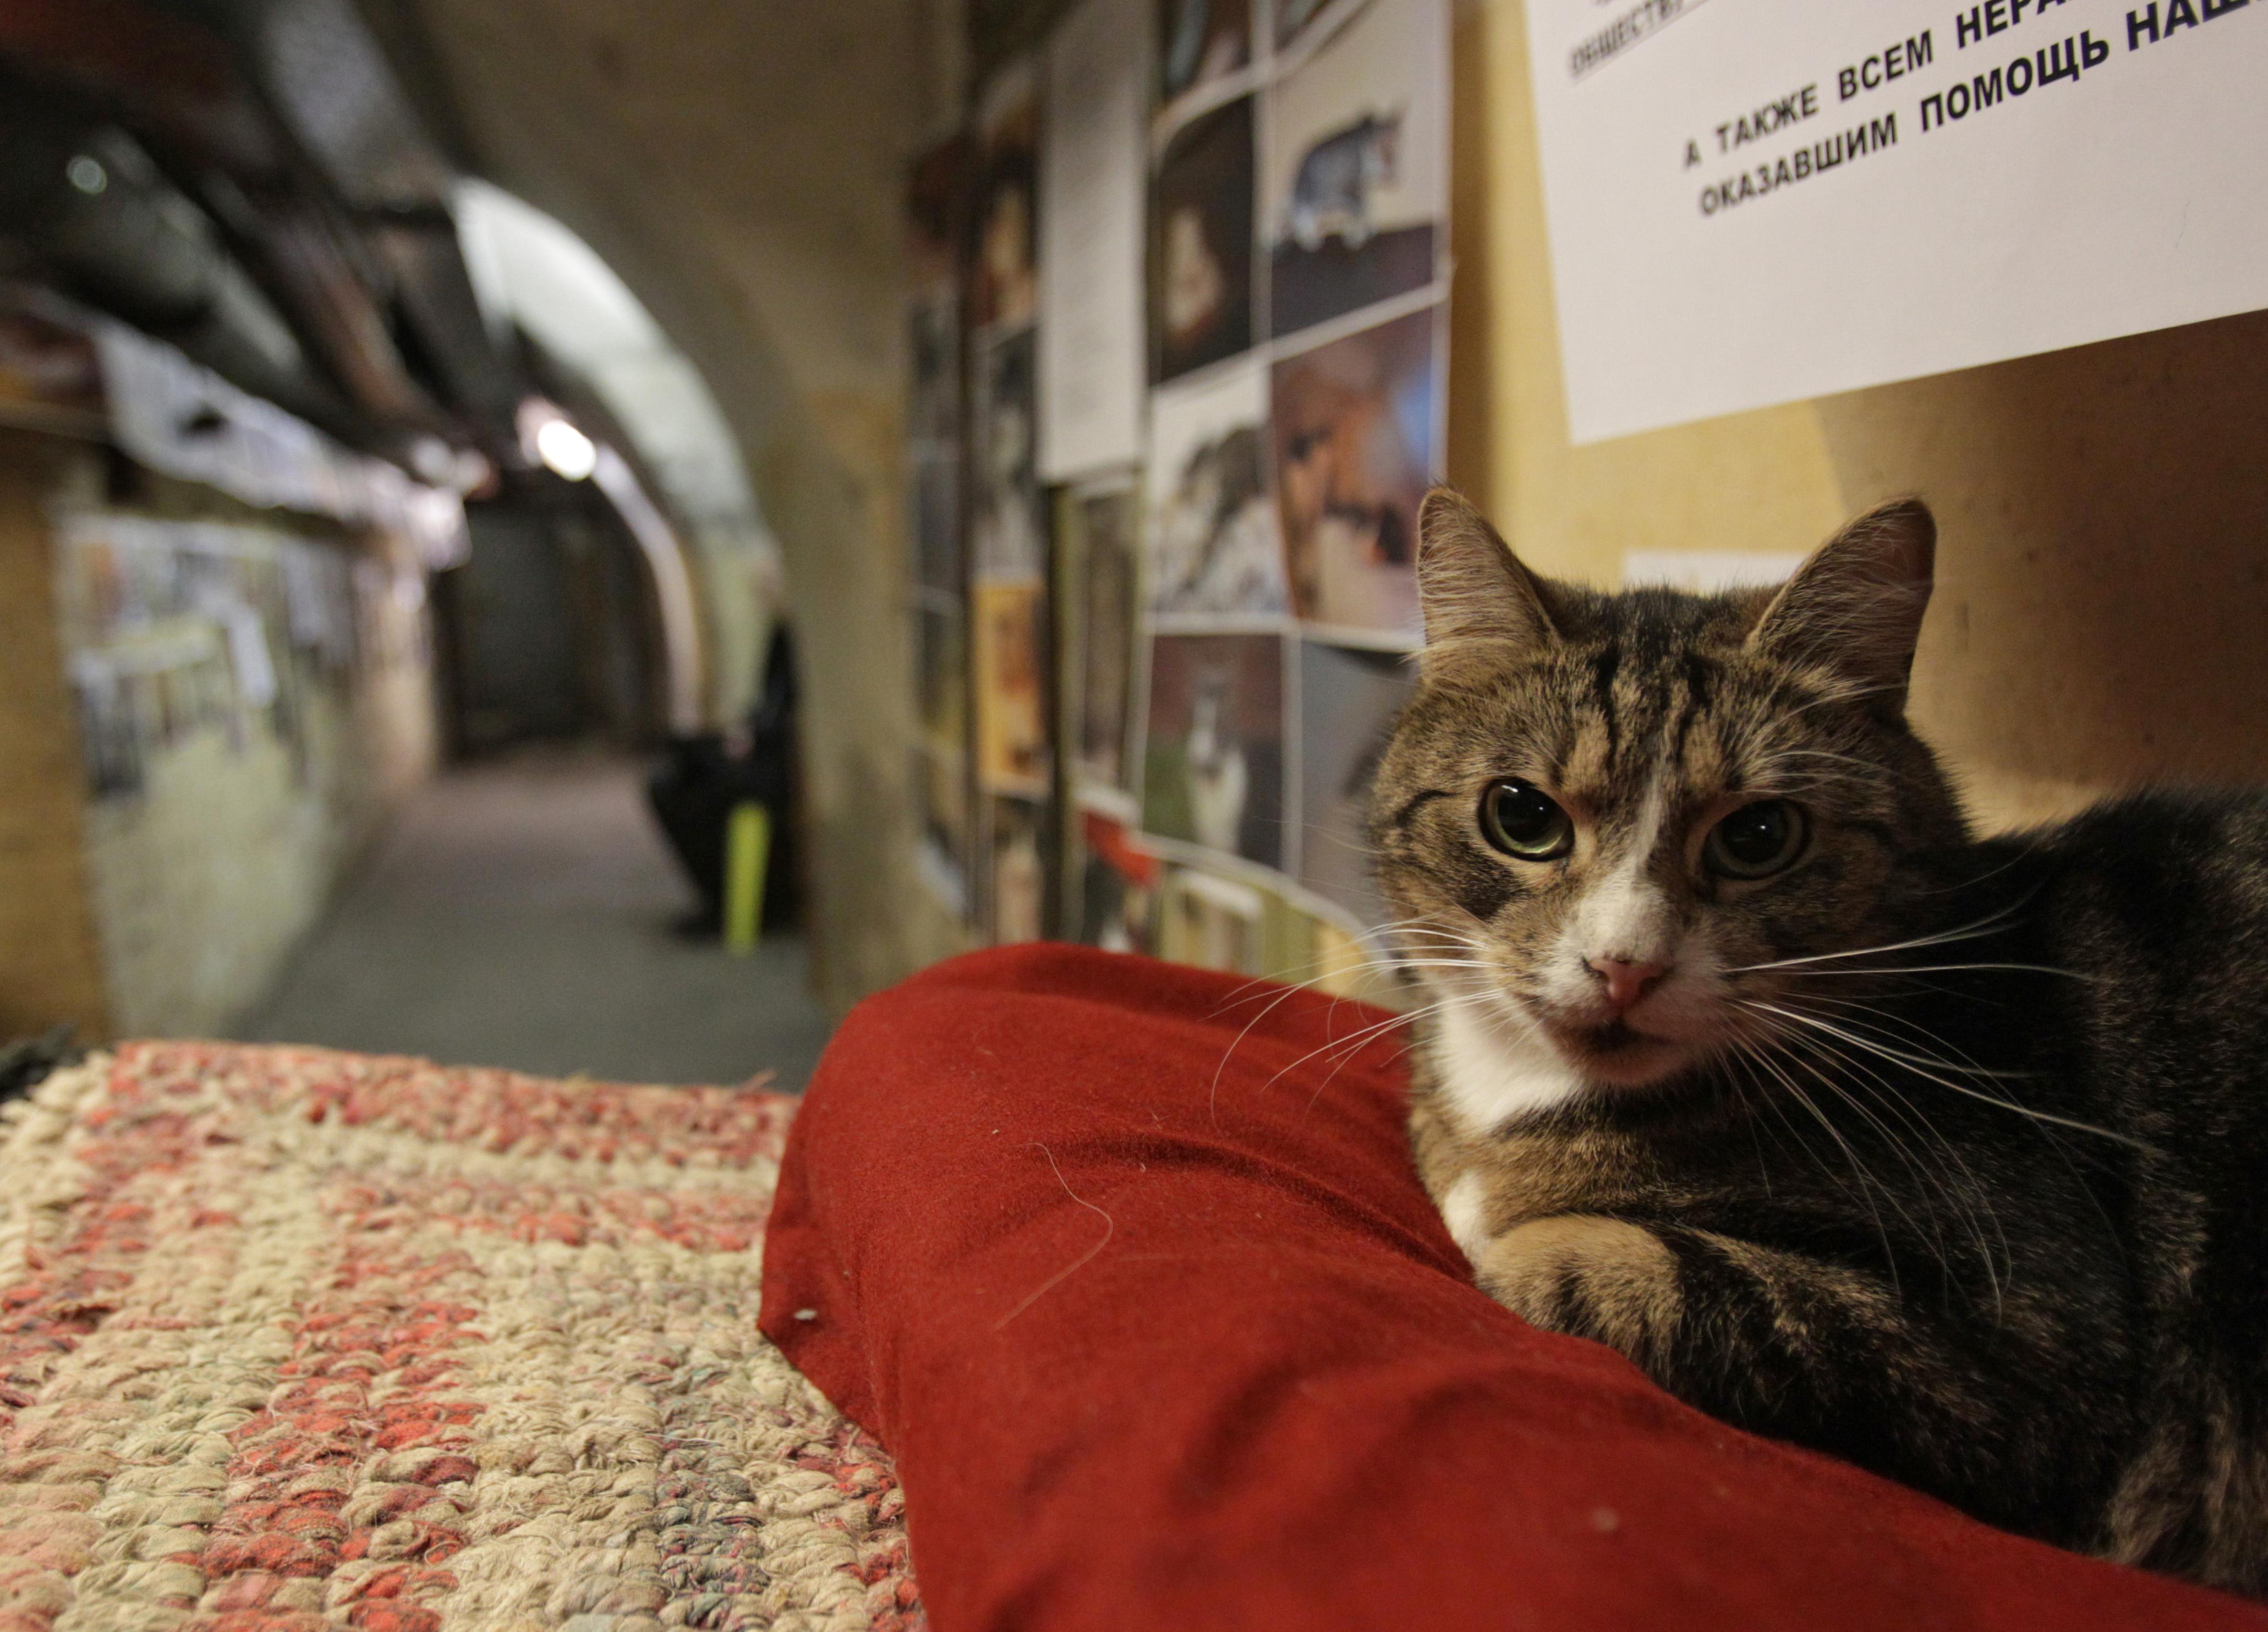 Az Ermitázs alagsorában élő 50 macskára hagyta örökségét egy francia úr